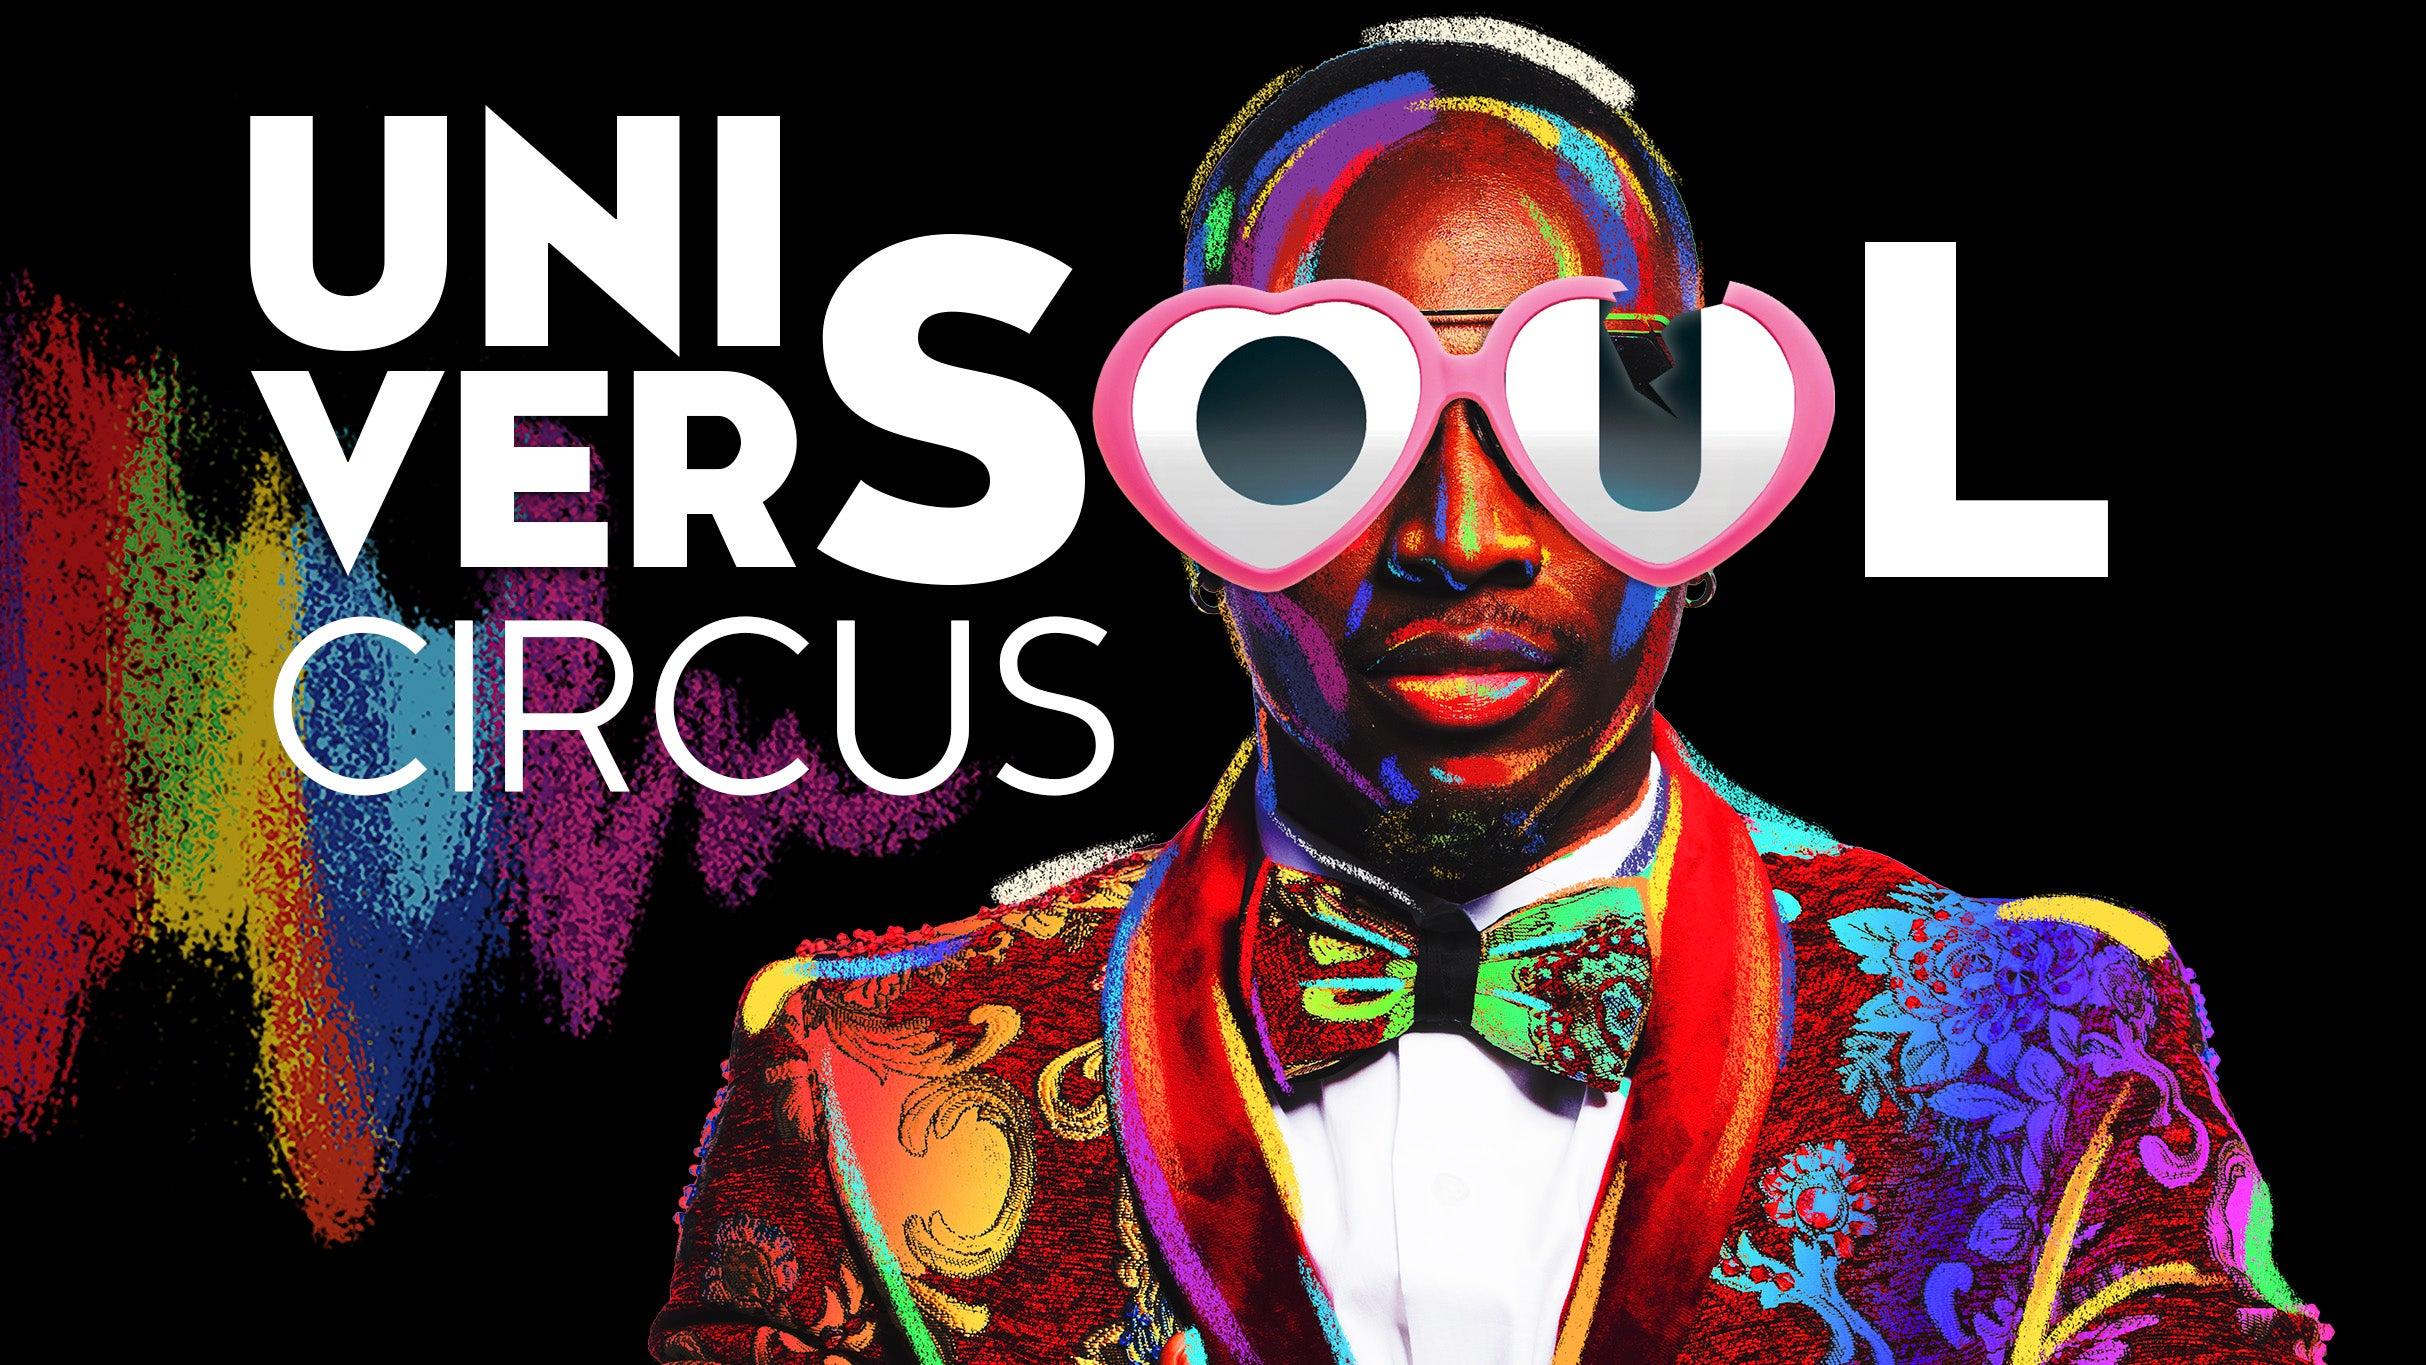 Universoul Circus.jpg